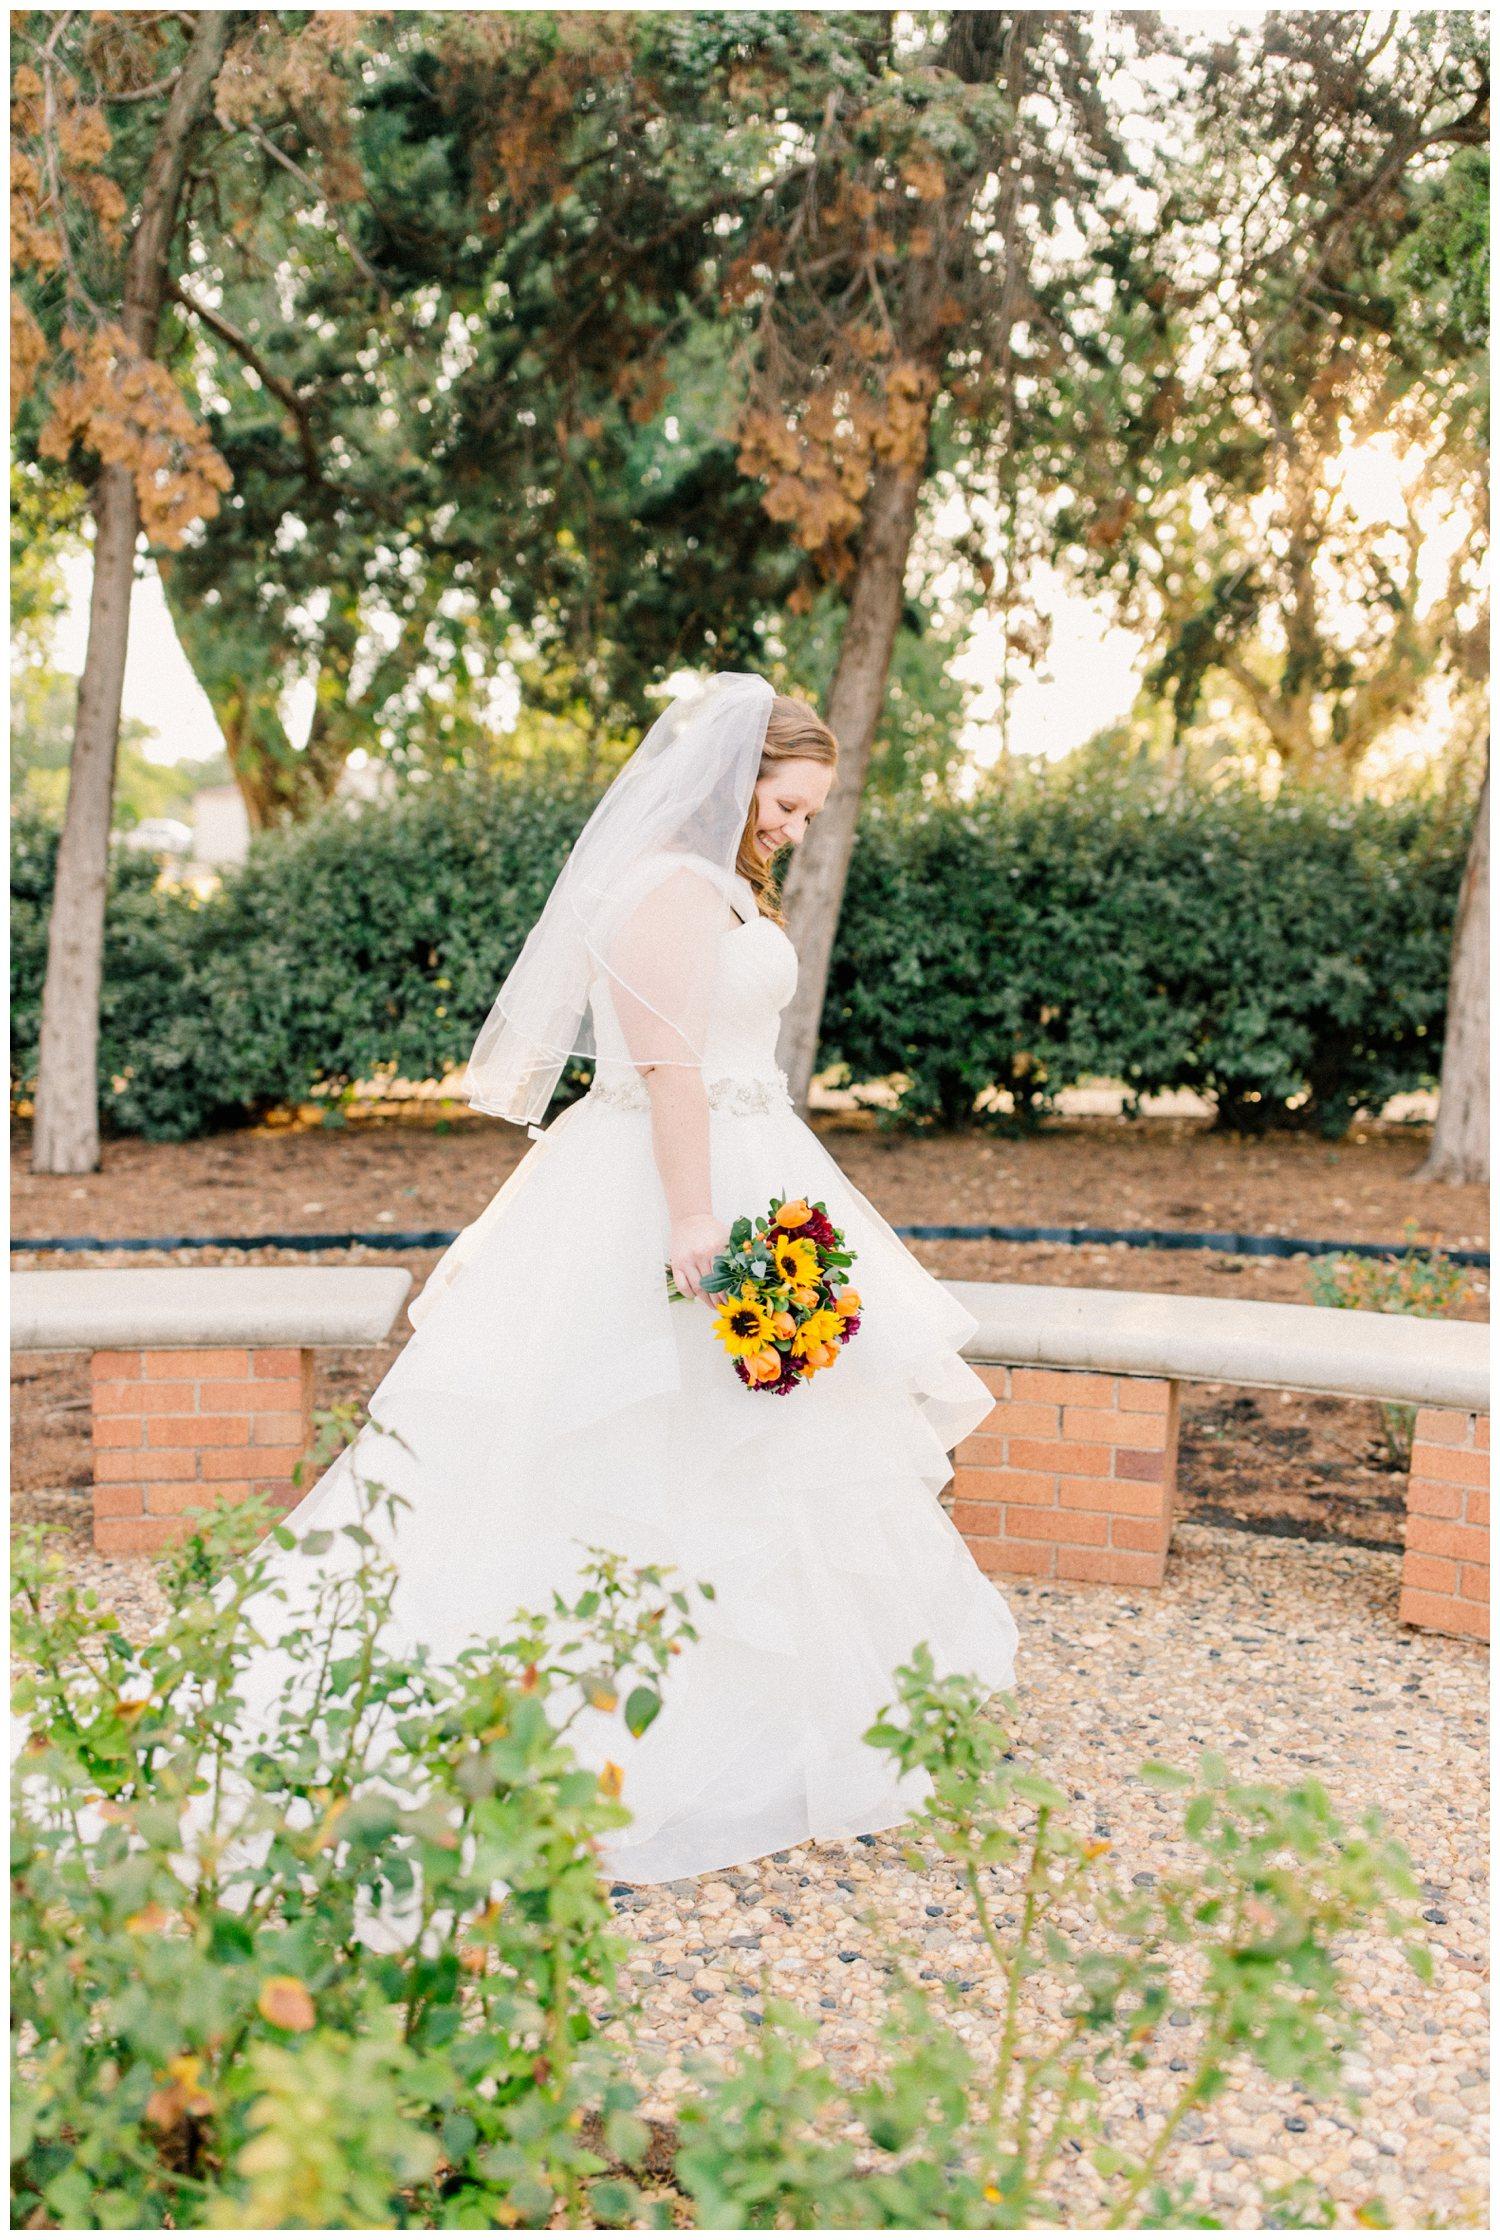 Kamie_Lubbock arboretum bridal portraits_19.jpg